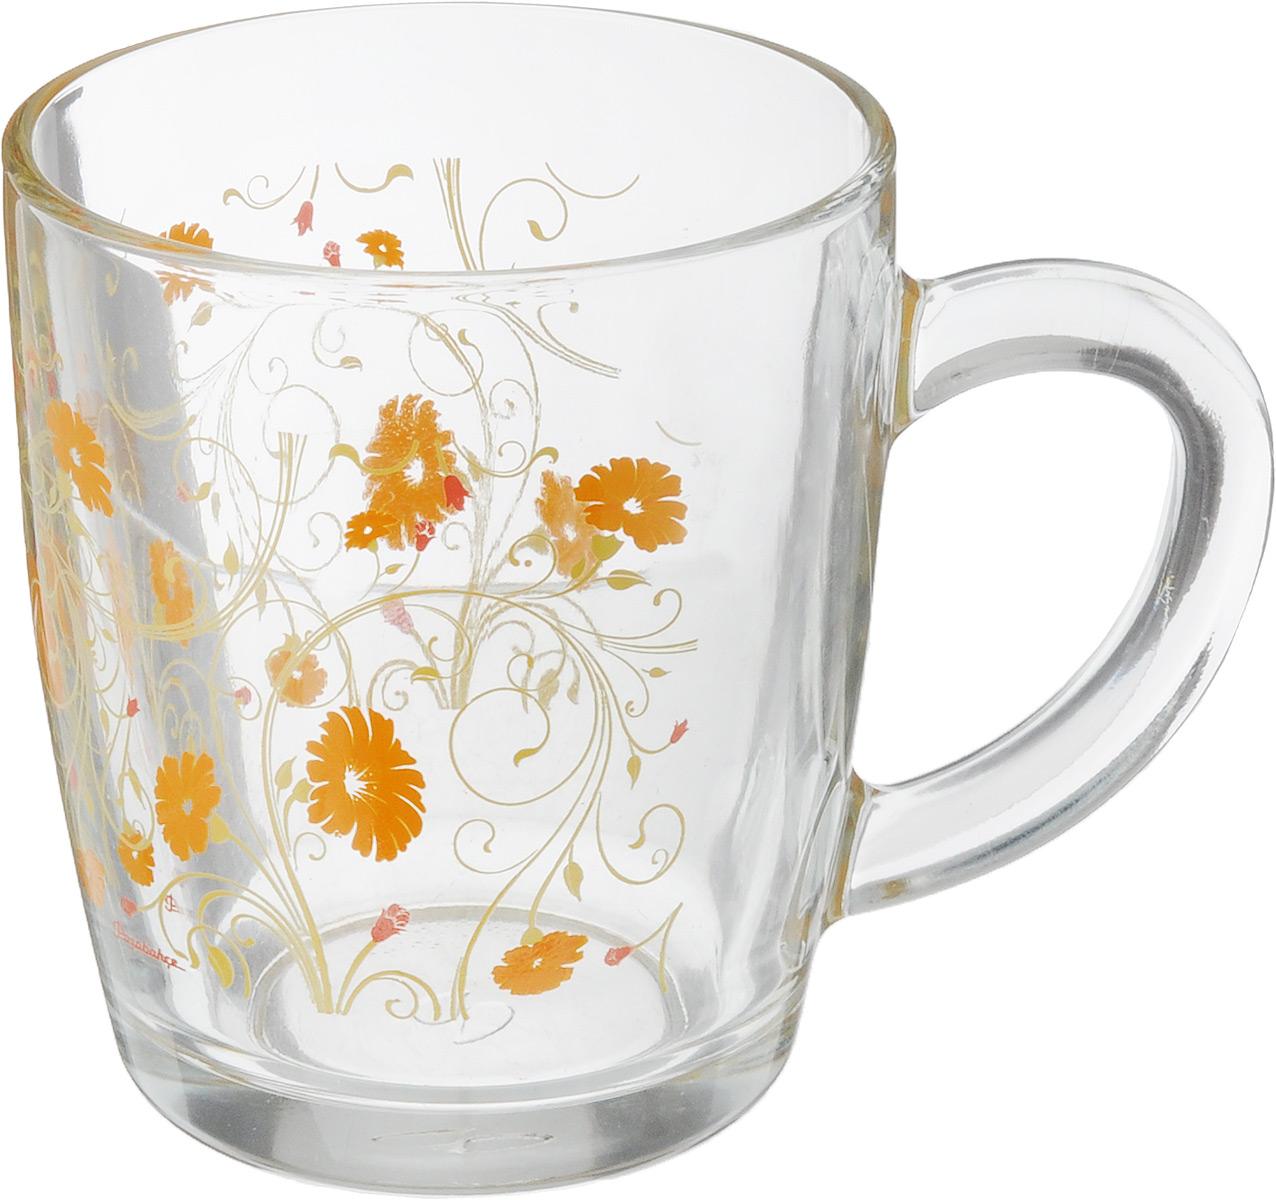 Кружка Pasabahce Serenade, цвет: прозрачный, оранжевый, 340 мл54 009312Кружка Pasabahce Serenadeизготовлена из прозрачного стекла и украшена красивым рисунком. Изделие идеально подходит для сервировки стола.Кружка не только украсит ваш кухонный стол, но и подчеркнет прекрасный вкус хозяйки. Диаметр кружки (по верхнему краю): 8 см. Высота кружки: 9,5 см. Объем кружки: 340 мл.